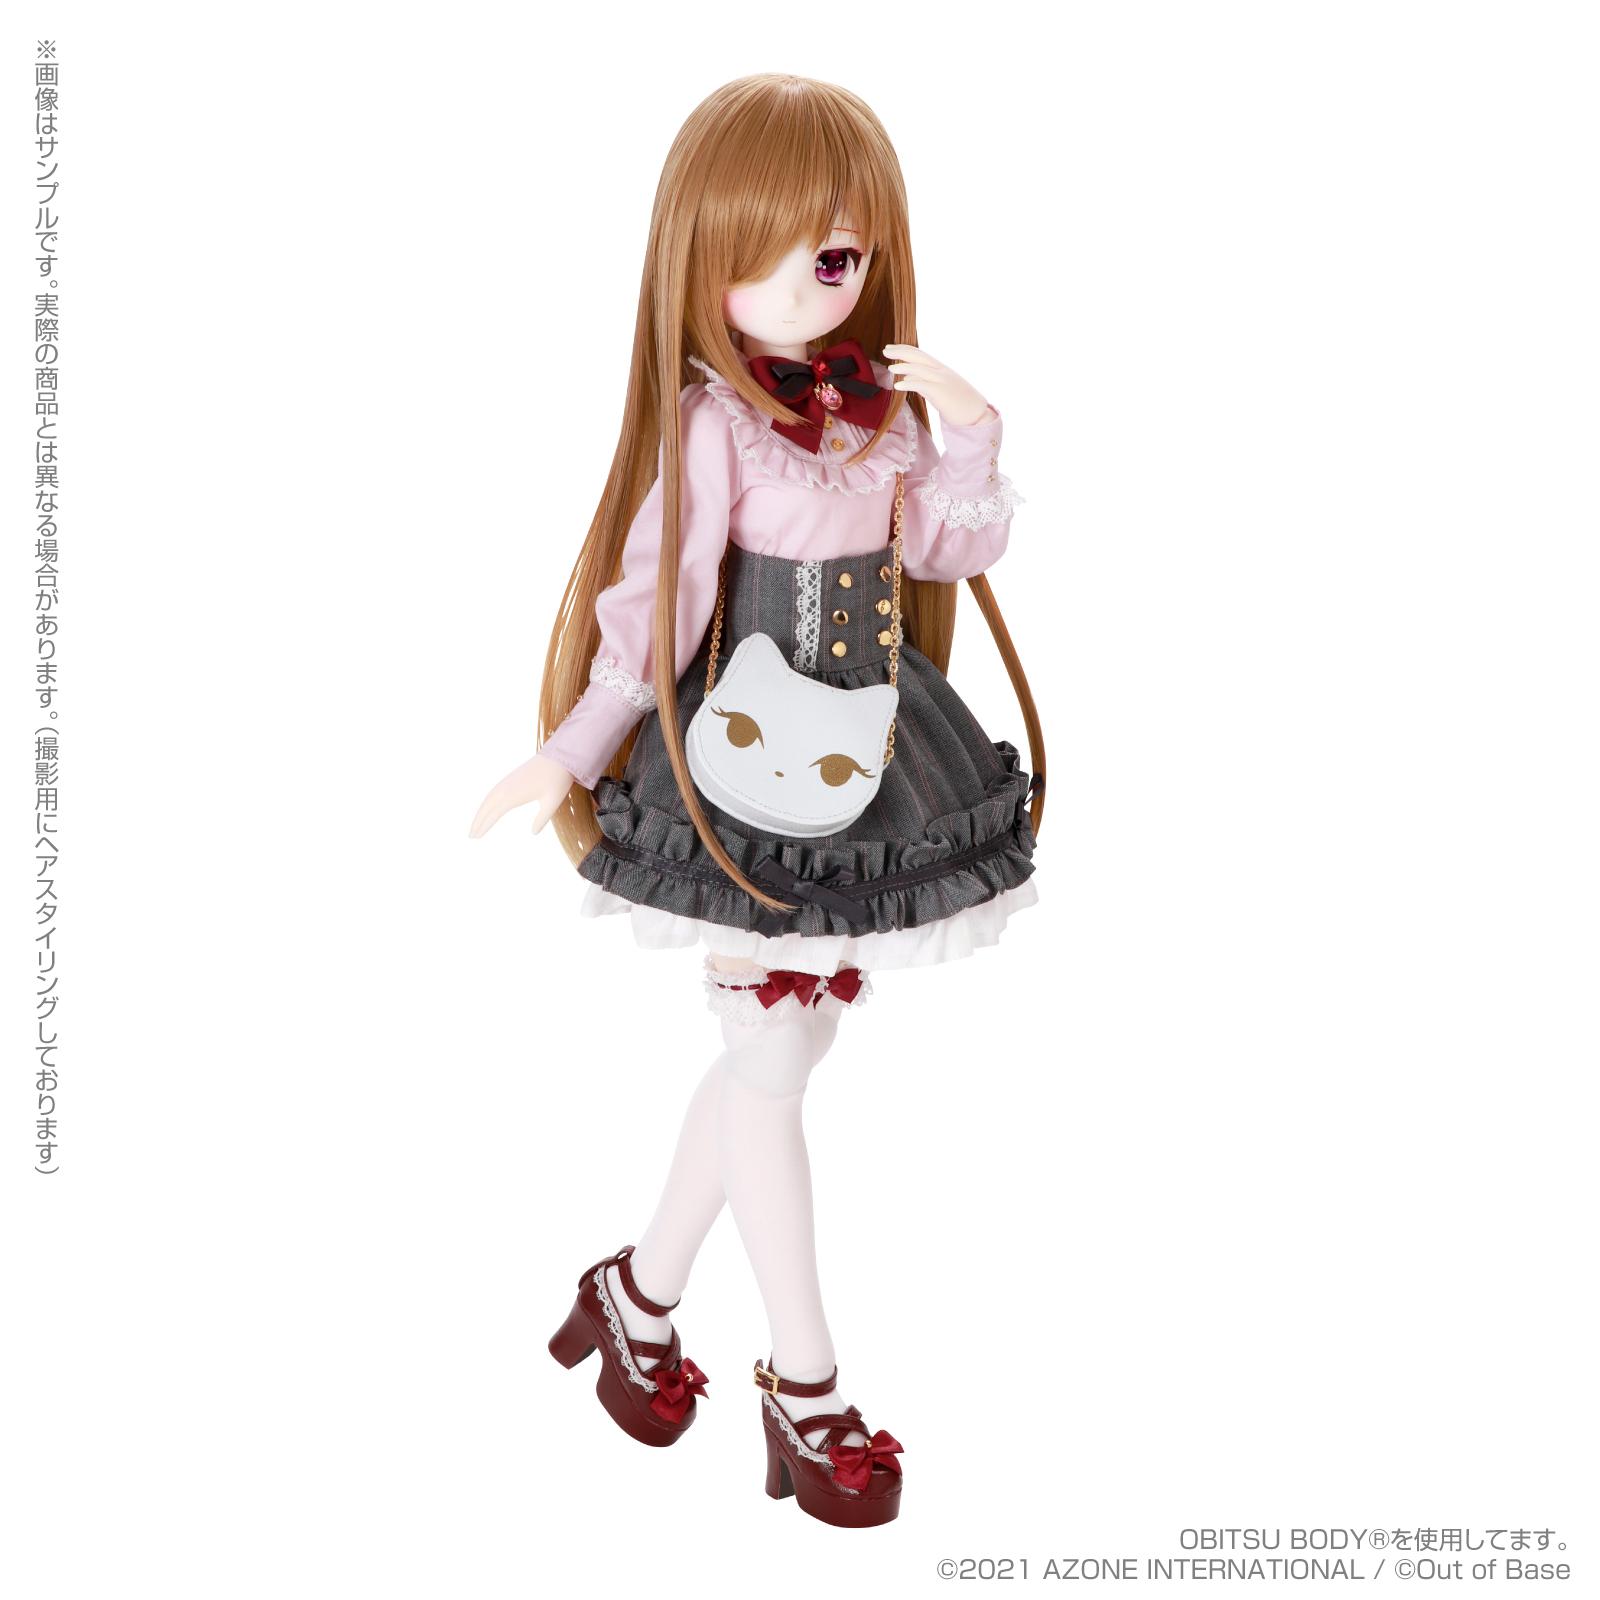 【再販】Iris Collect petit『すずね/~Wonder fraulein~Goth×Loli cats(通常販売ver.)』アイリスコレクト プチ 1/3 完成品ドール-017